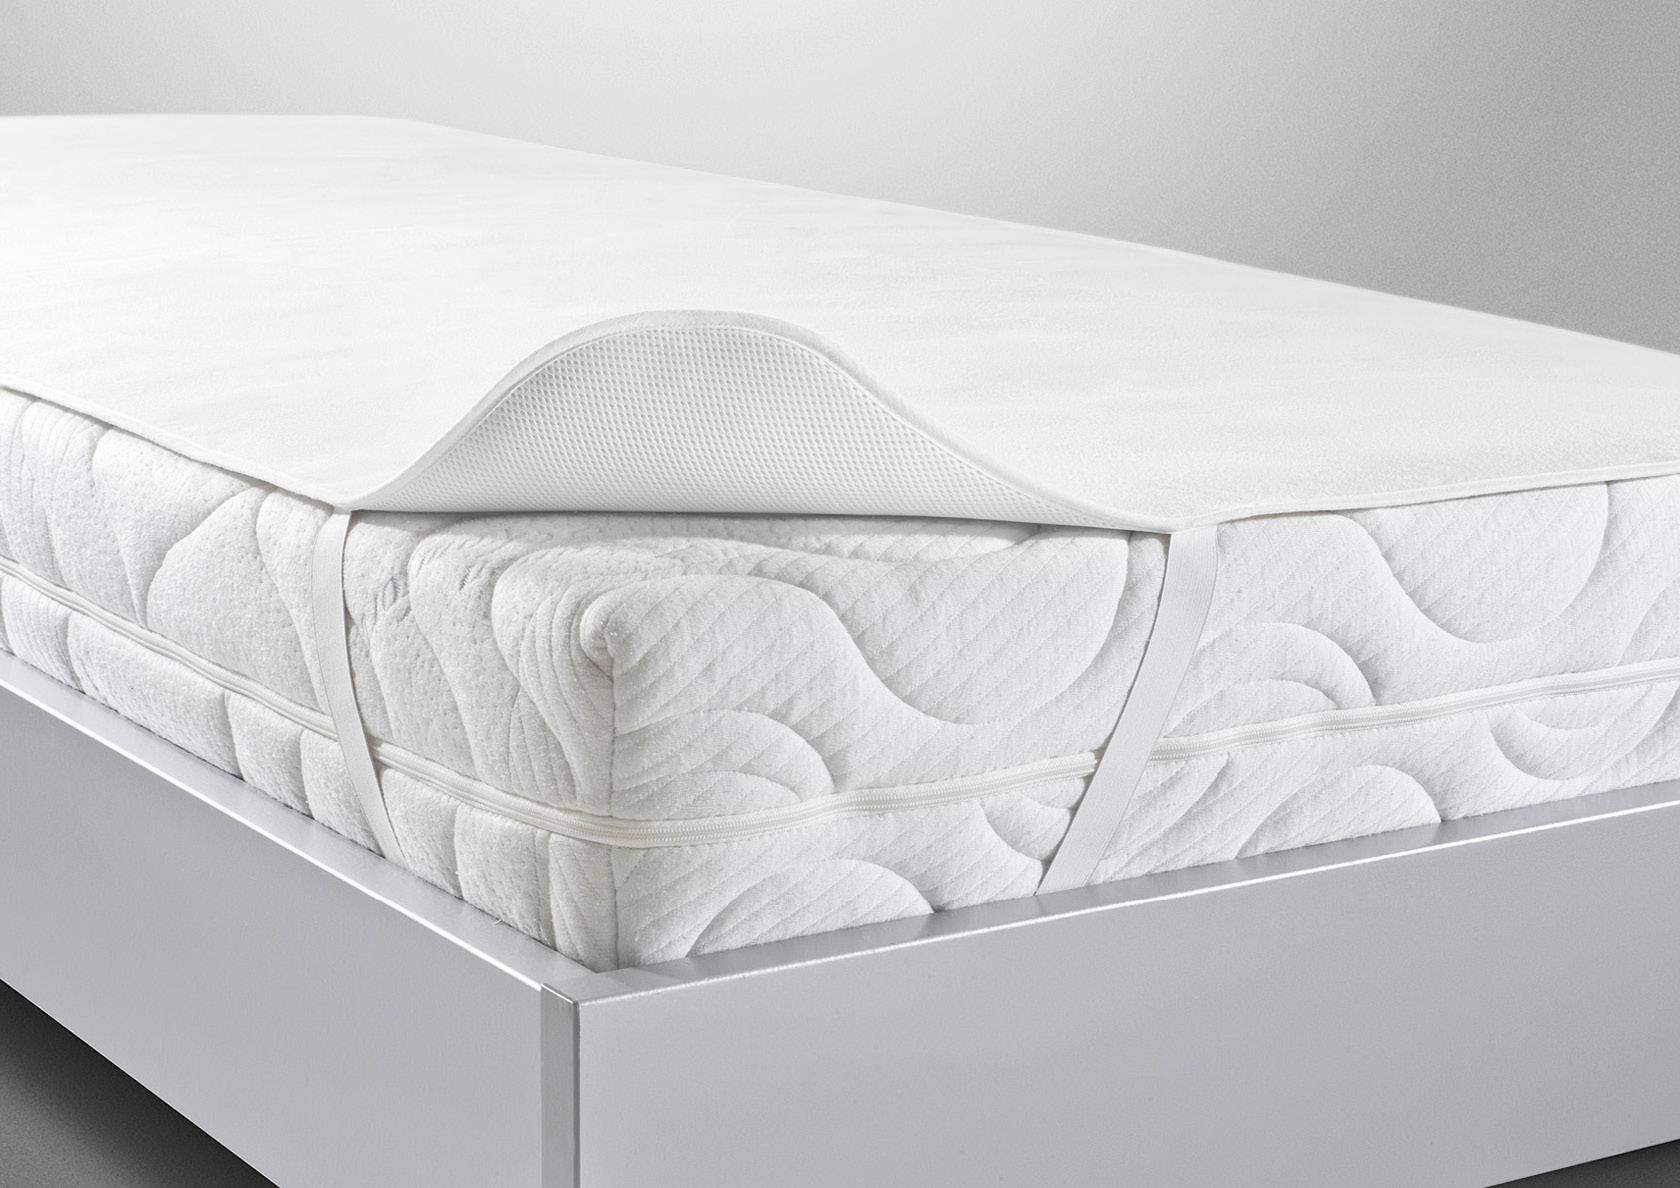 topper auflagen unterlagen fura bettenhaus gmbh gf walter rackl in neumarkt. Black Bedroom Furniture Sets. Home Design Ideas